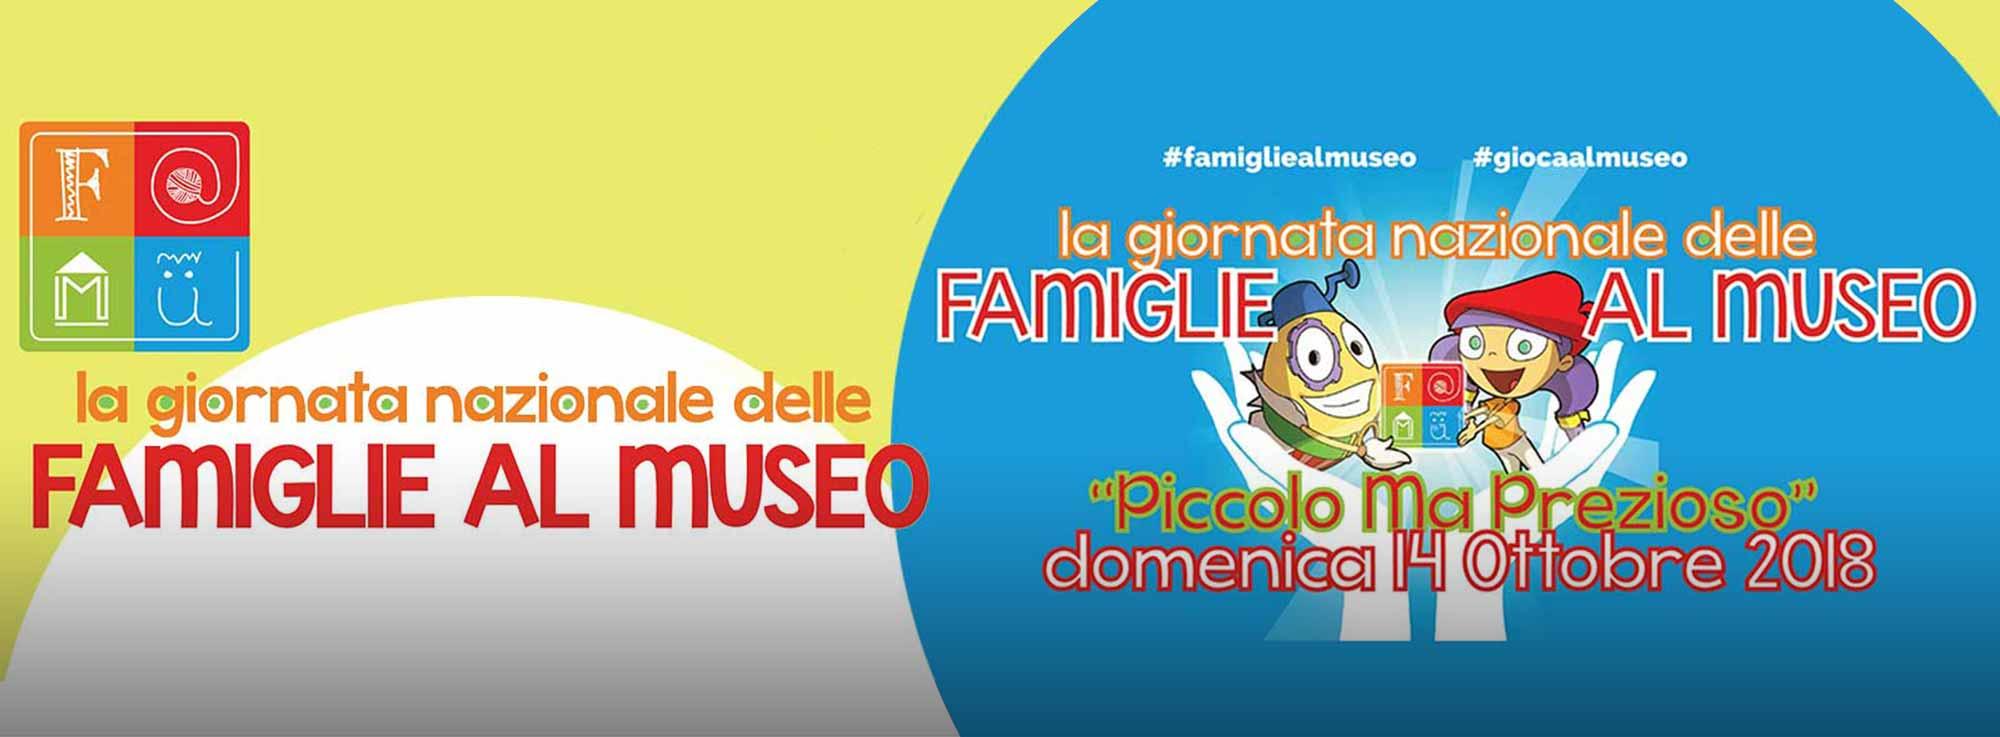 Ostuni: Giornata Nazionale Famiglie al Museo